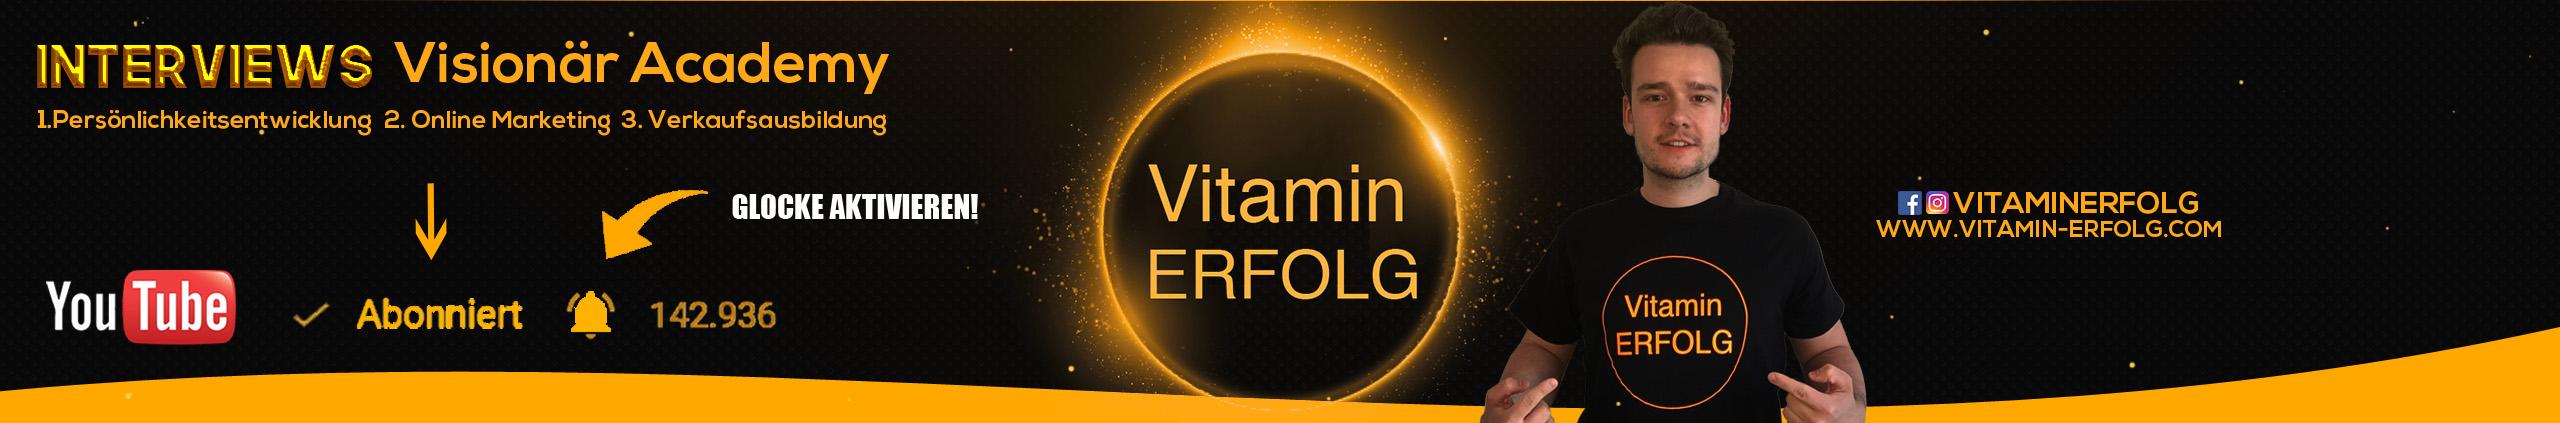 Vitaminerfolg Banner